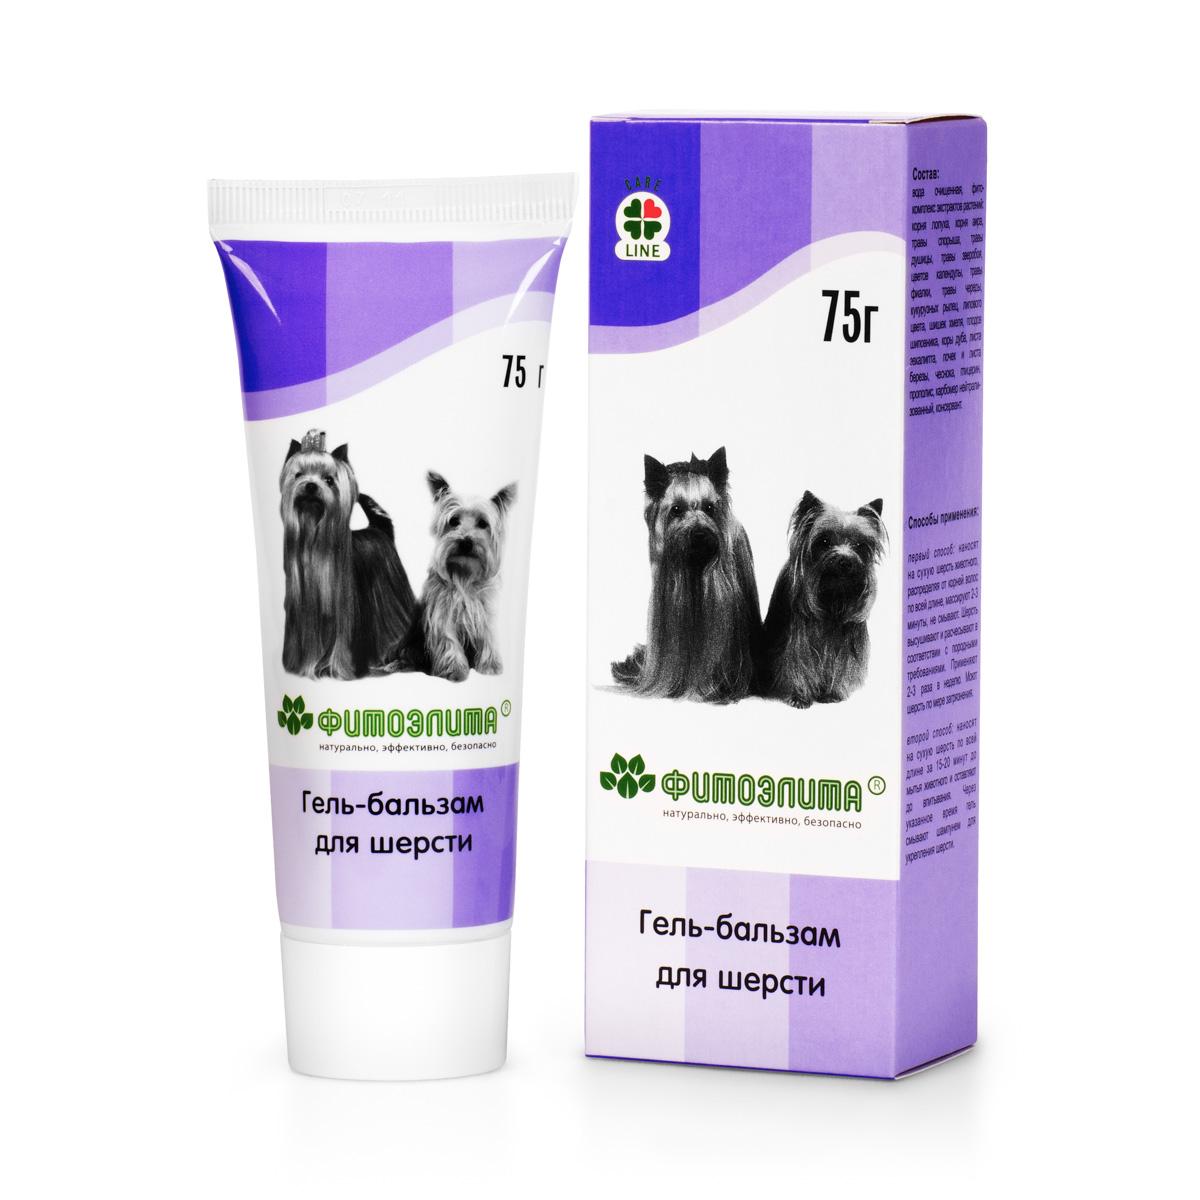 Гель-бальзам для кошек и собак VEDA Фитоэлита, для шерсти, 75 г шампунь для короткошерстных кошек veda фитоэлита 220 мл